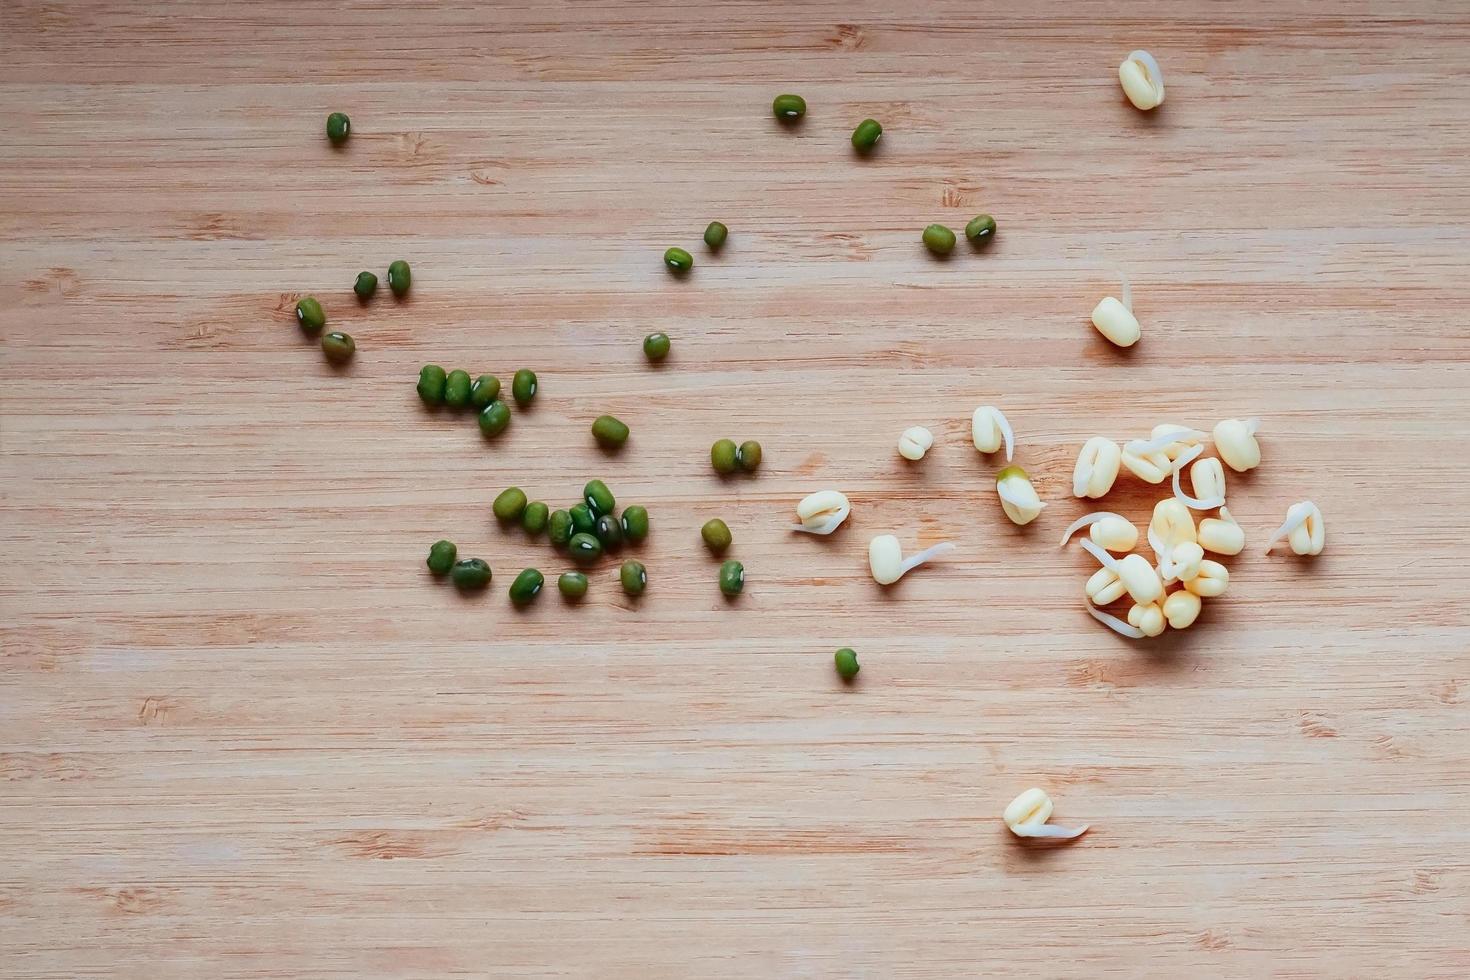 fagioli mung e i loro germogli sul tavolo, vista dall'alto foto